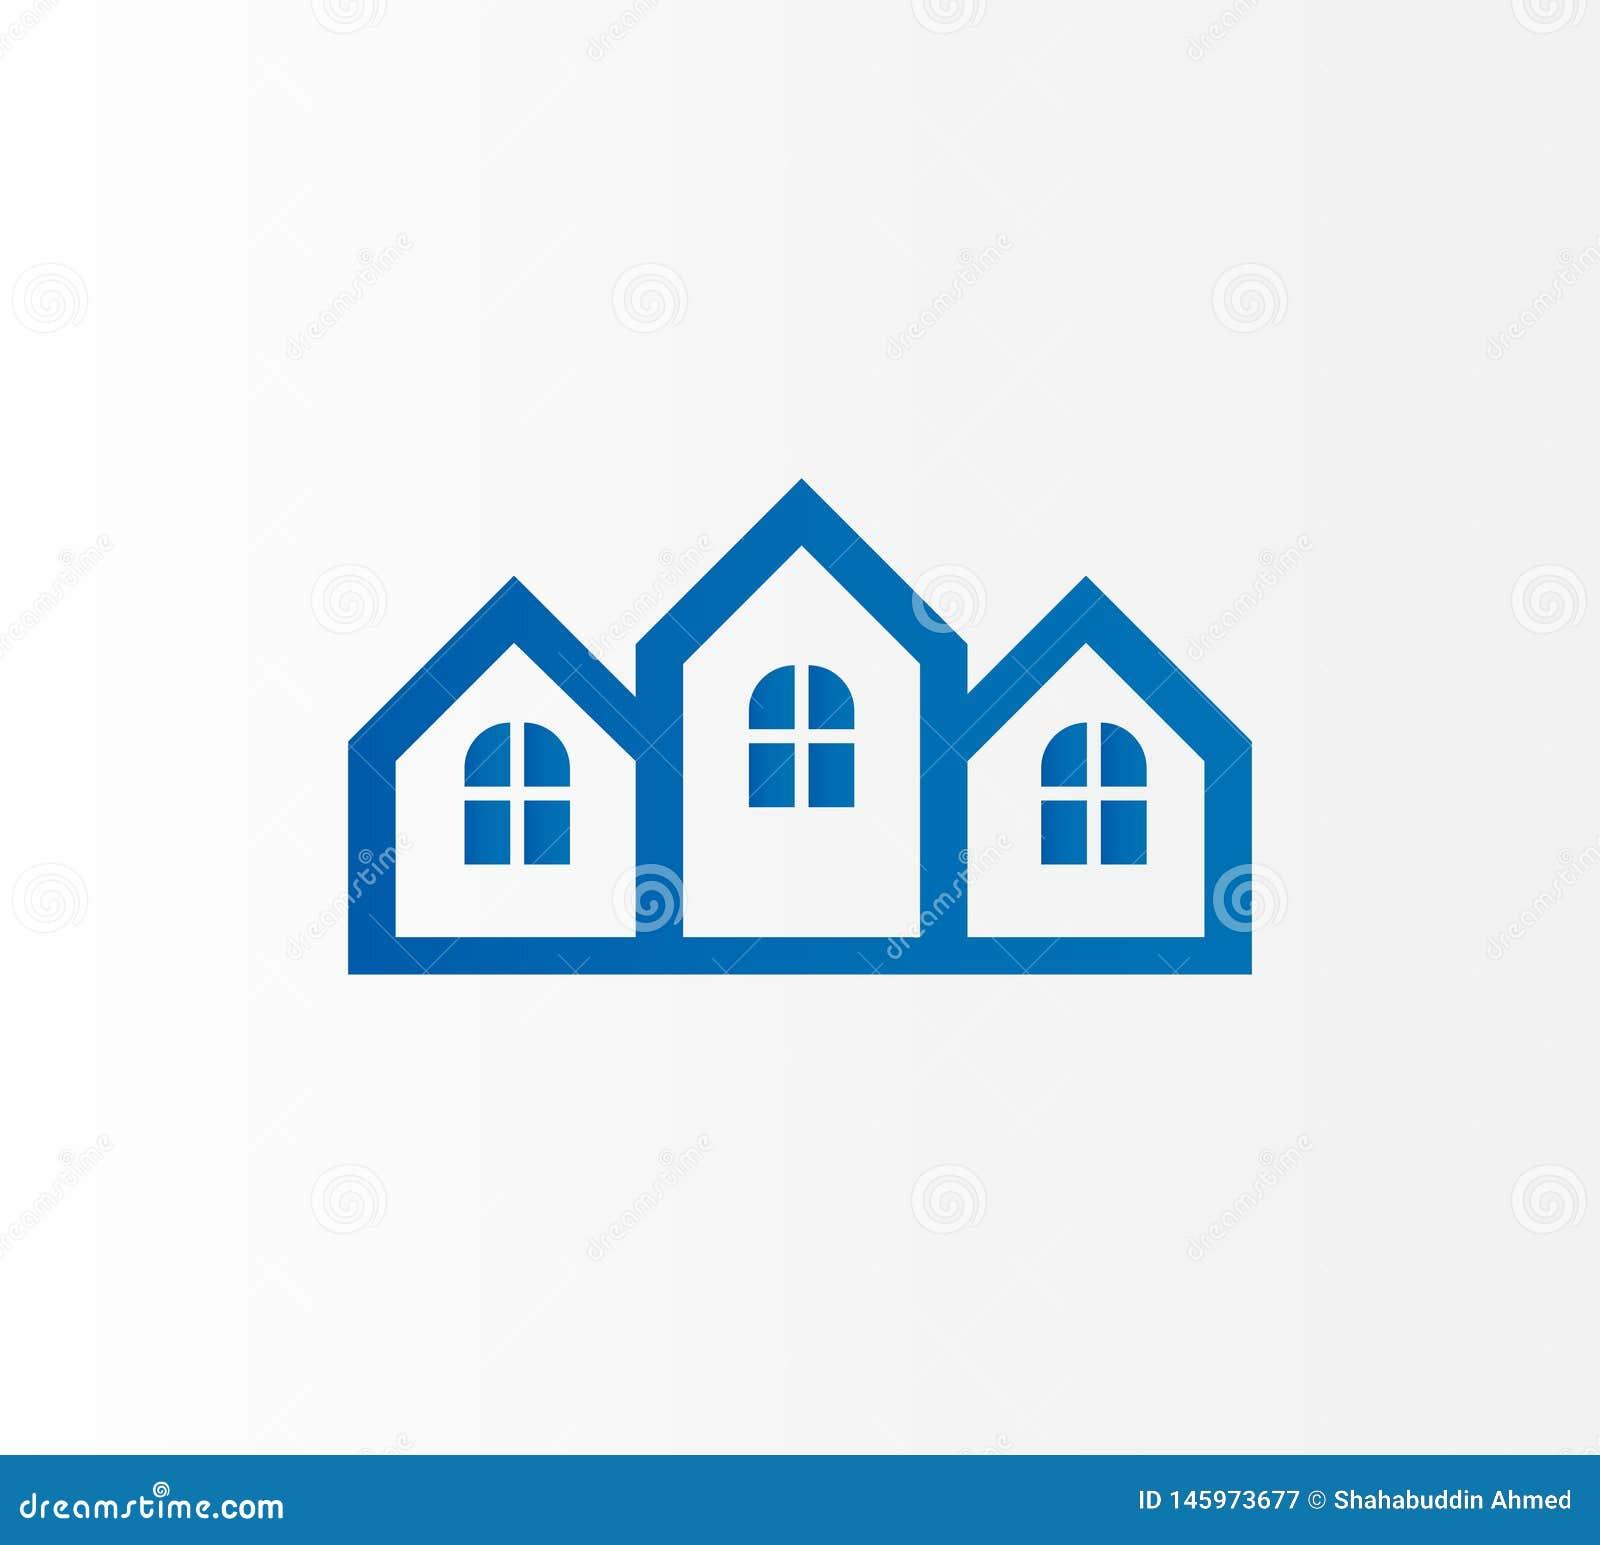 Real Estate, edificio, dise?o del logotipo de la mezquita E